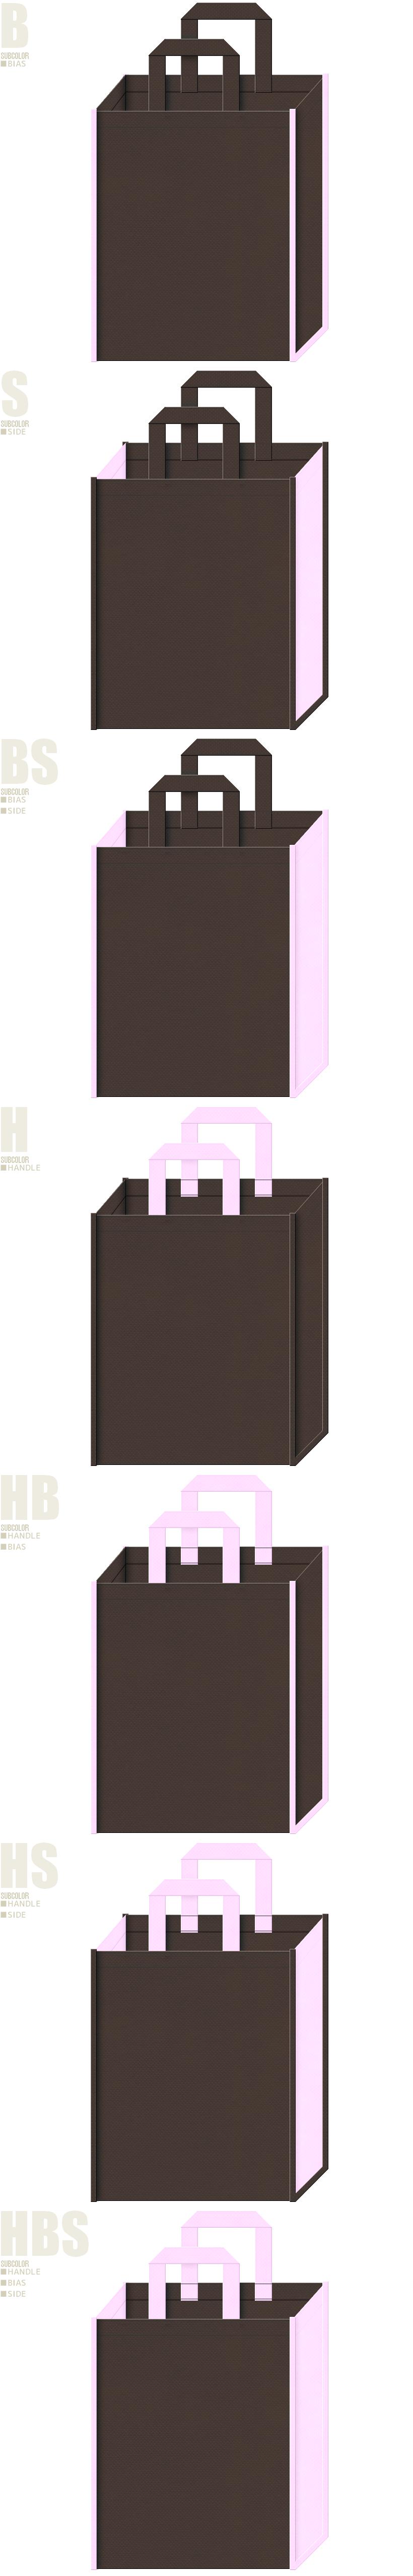 和風催事・お城・花見・夜桜・ゲームにお奨めの不織布バッグデザイン:こげ茶色と明るいピンク色の不織布バッグ配色7パターン。